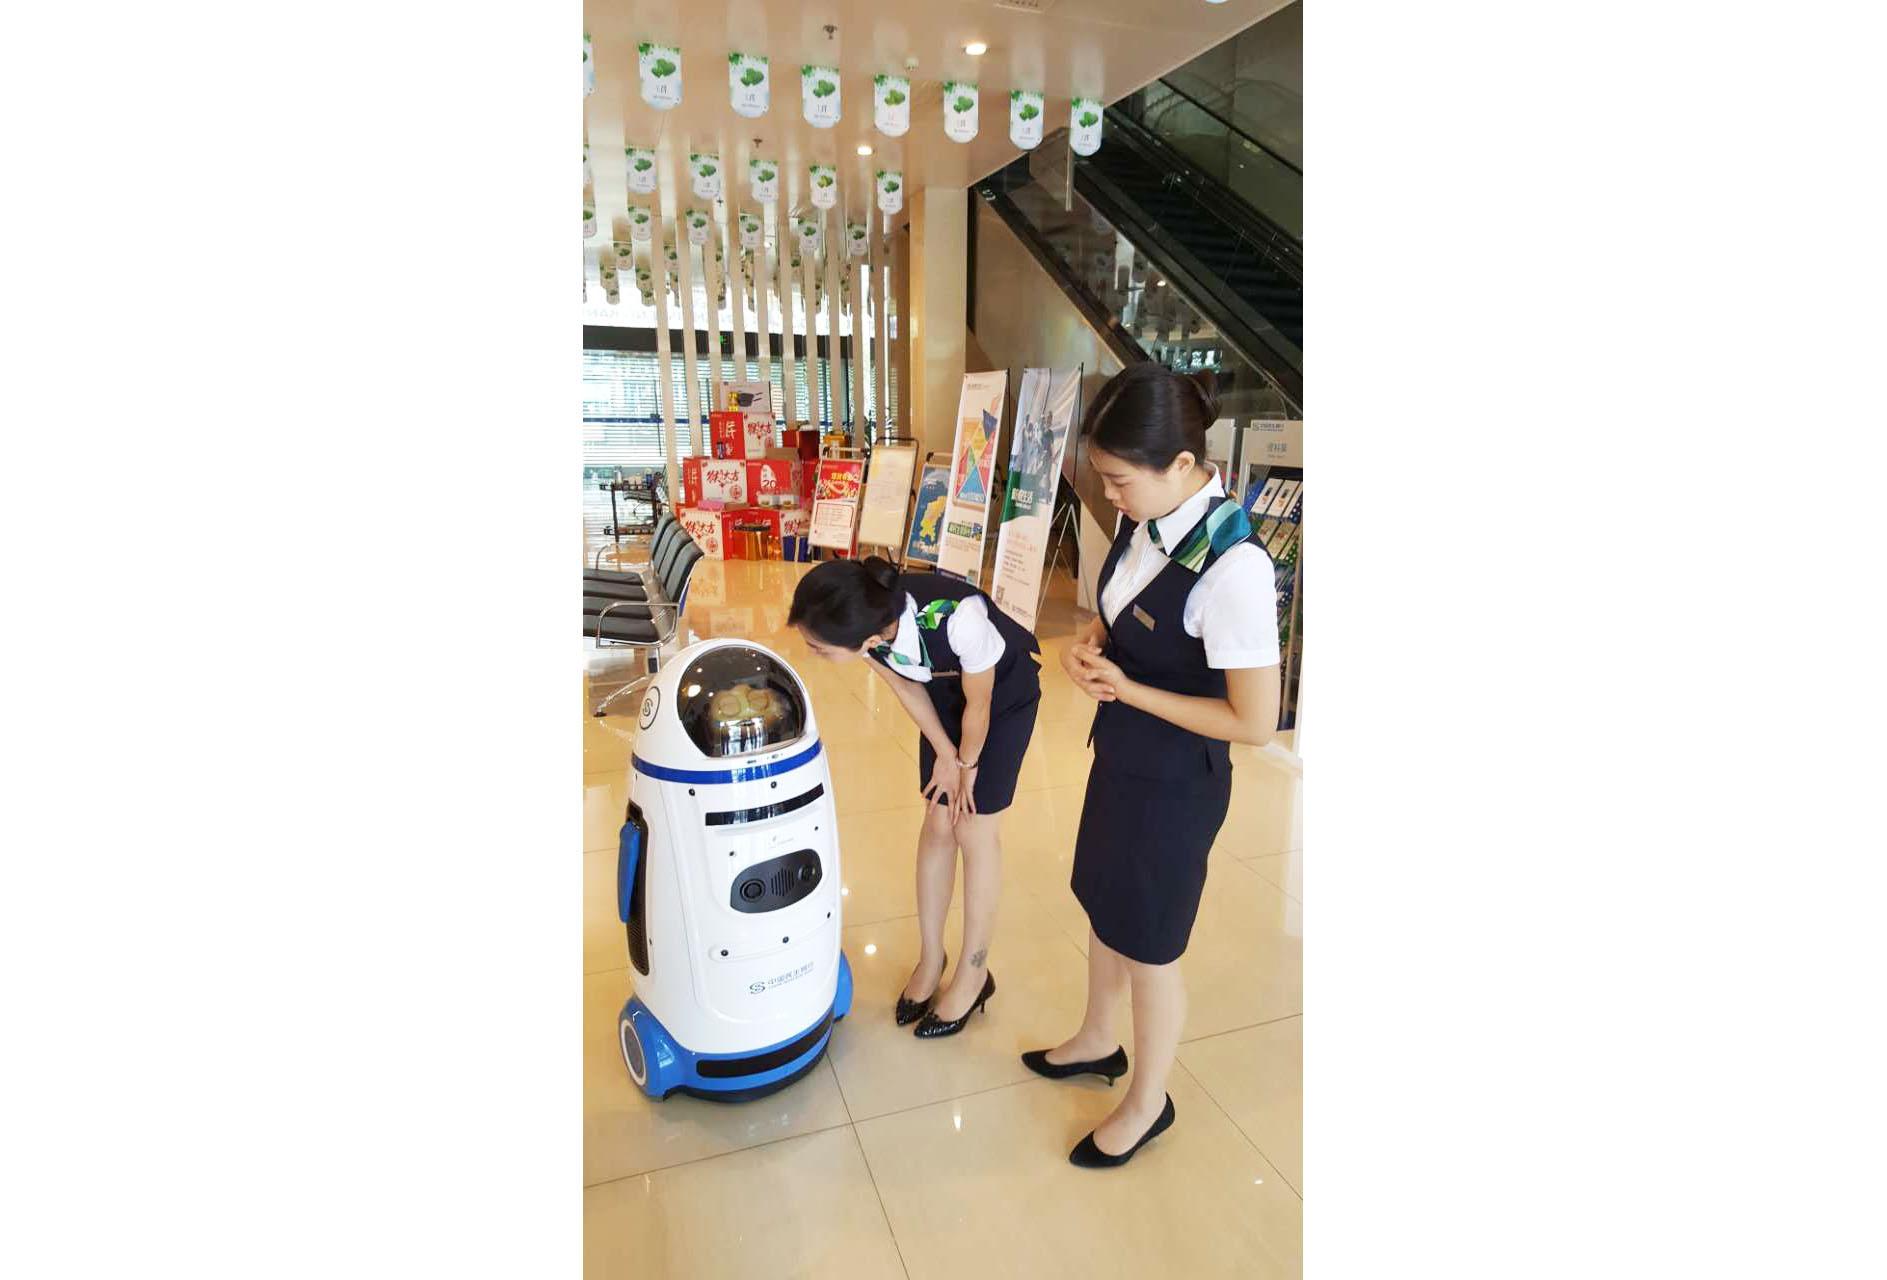 银行机器人展示